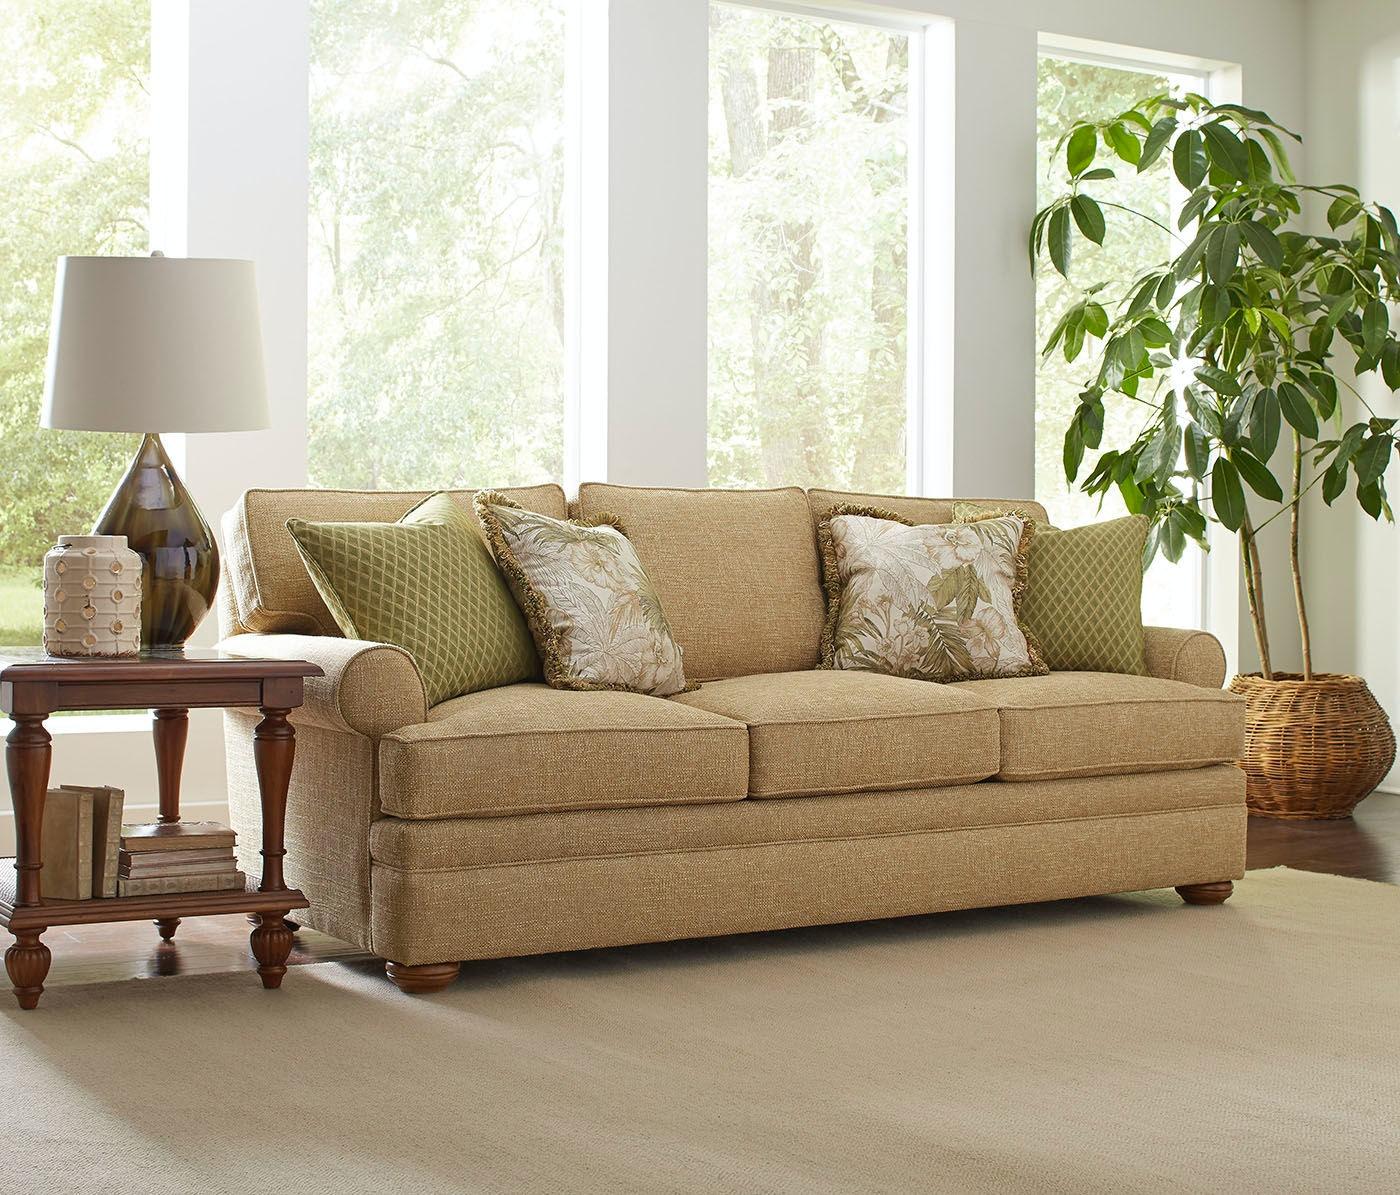 Braxton Culler Living Room Kensington Sock Arm Boxed Back Pillow  ~ Kensington Upholstered Sofa